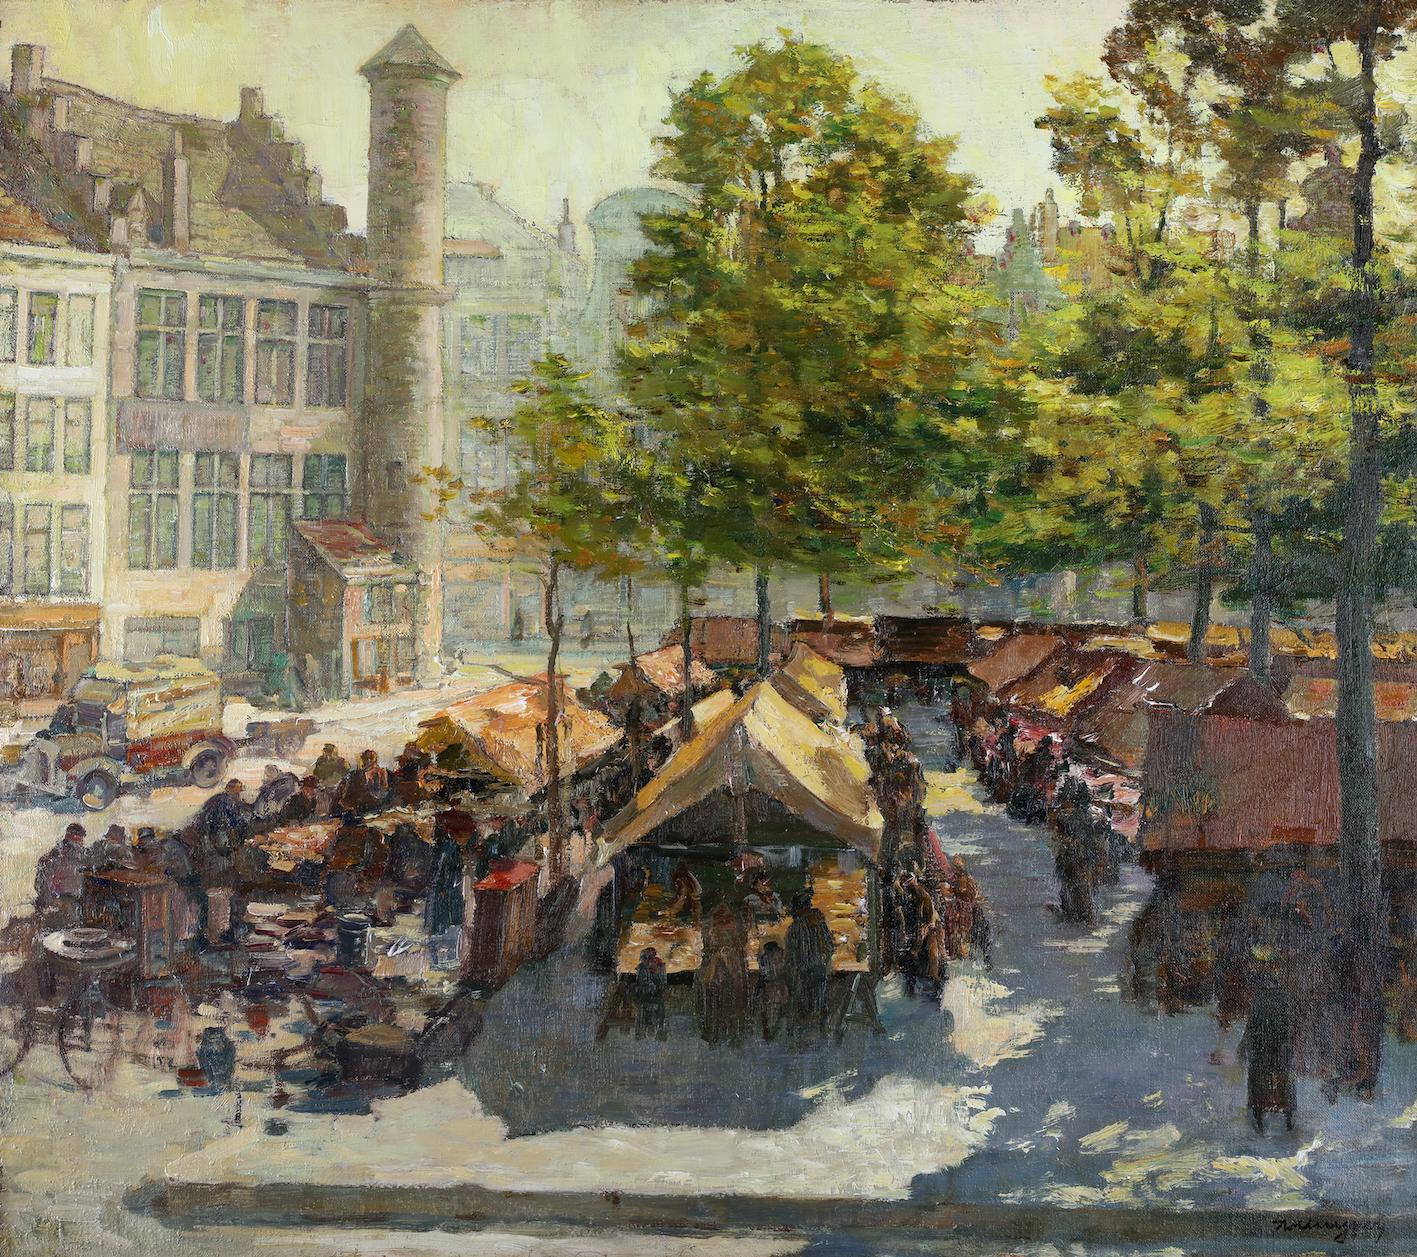 Activities on the Vrijdagsmarkt in Ghent with 'Het Toreken,' on the left